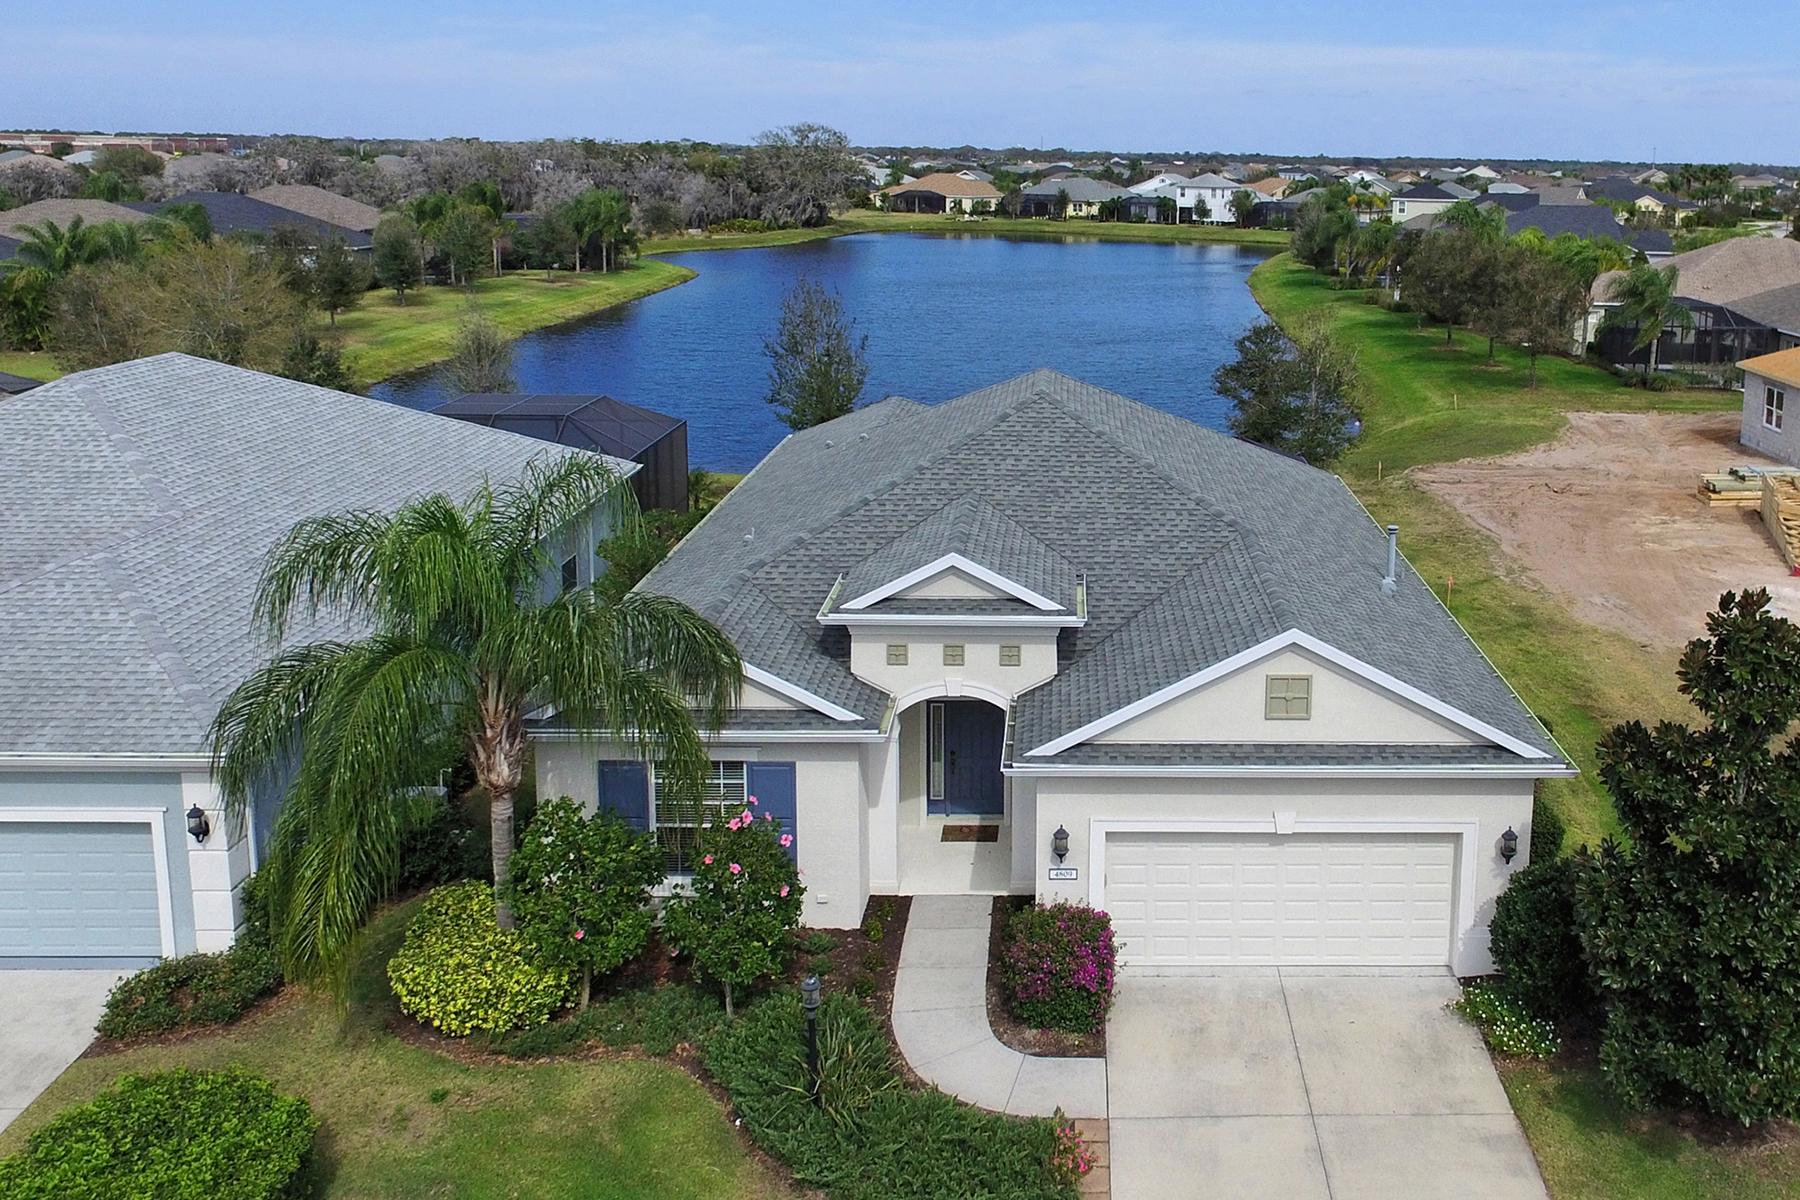 獨棟家庭住宅 為 出售 在 CENTRAL PARK 4809 Claremont Park Dr Bradenton, 佛羅里達州, 34211 美國